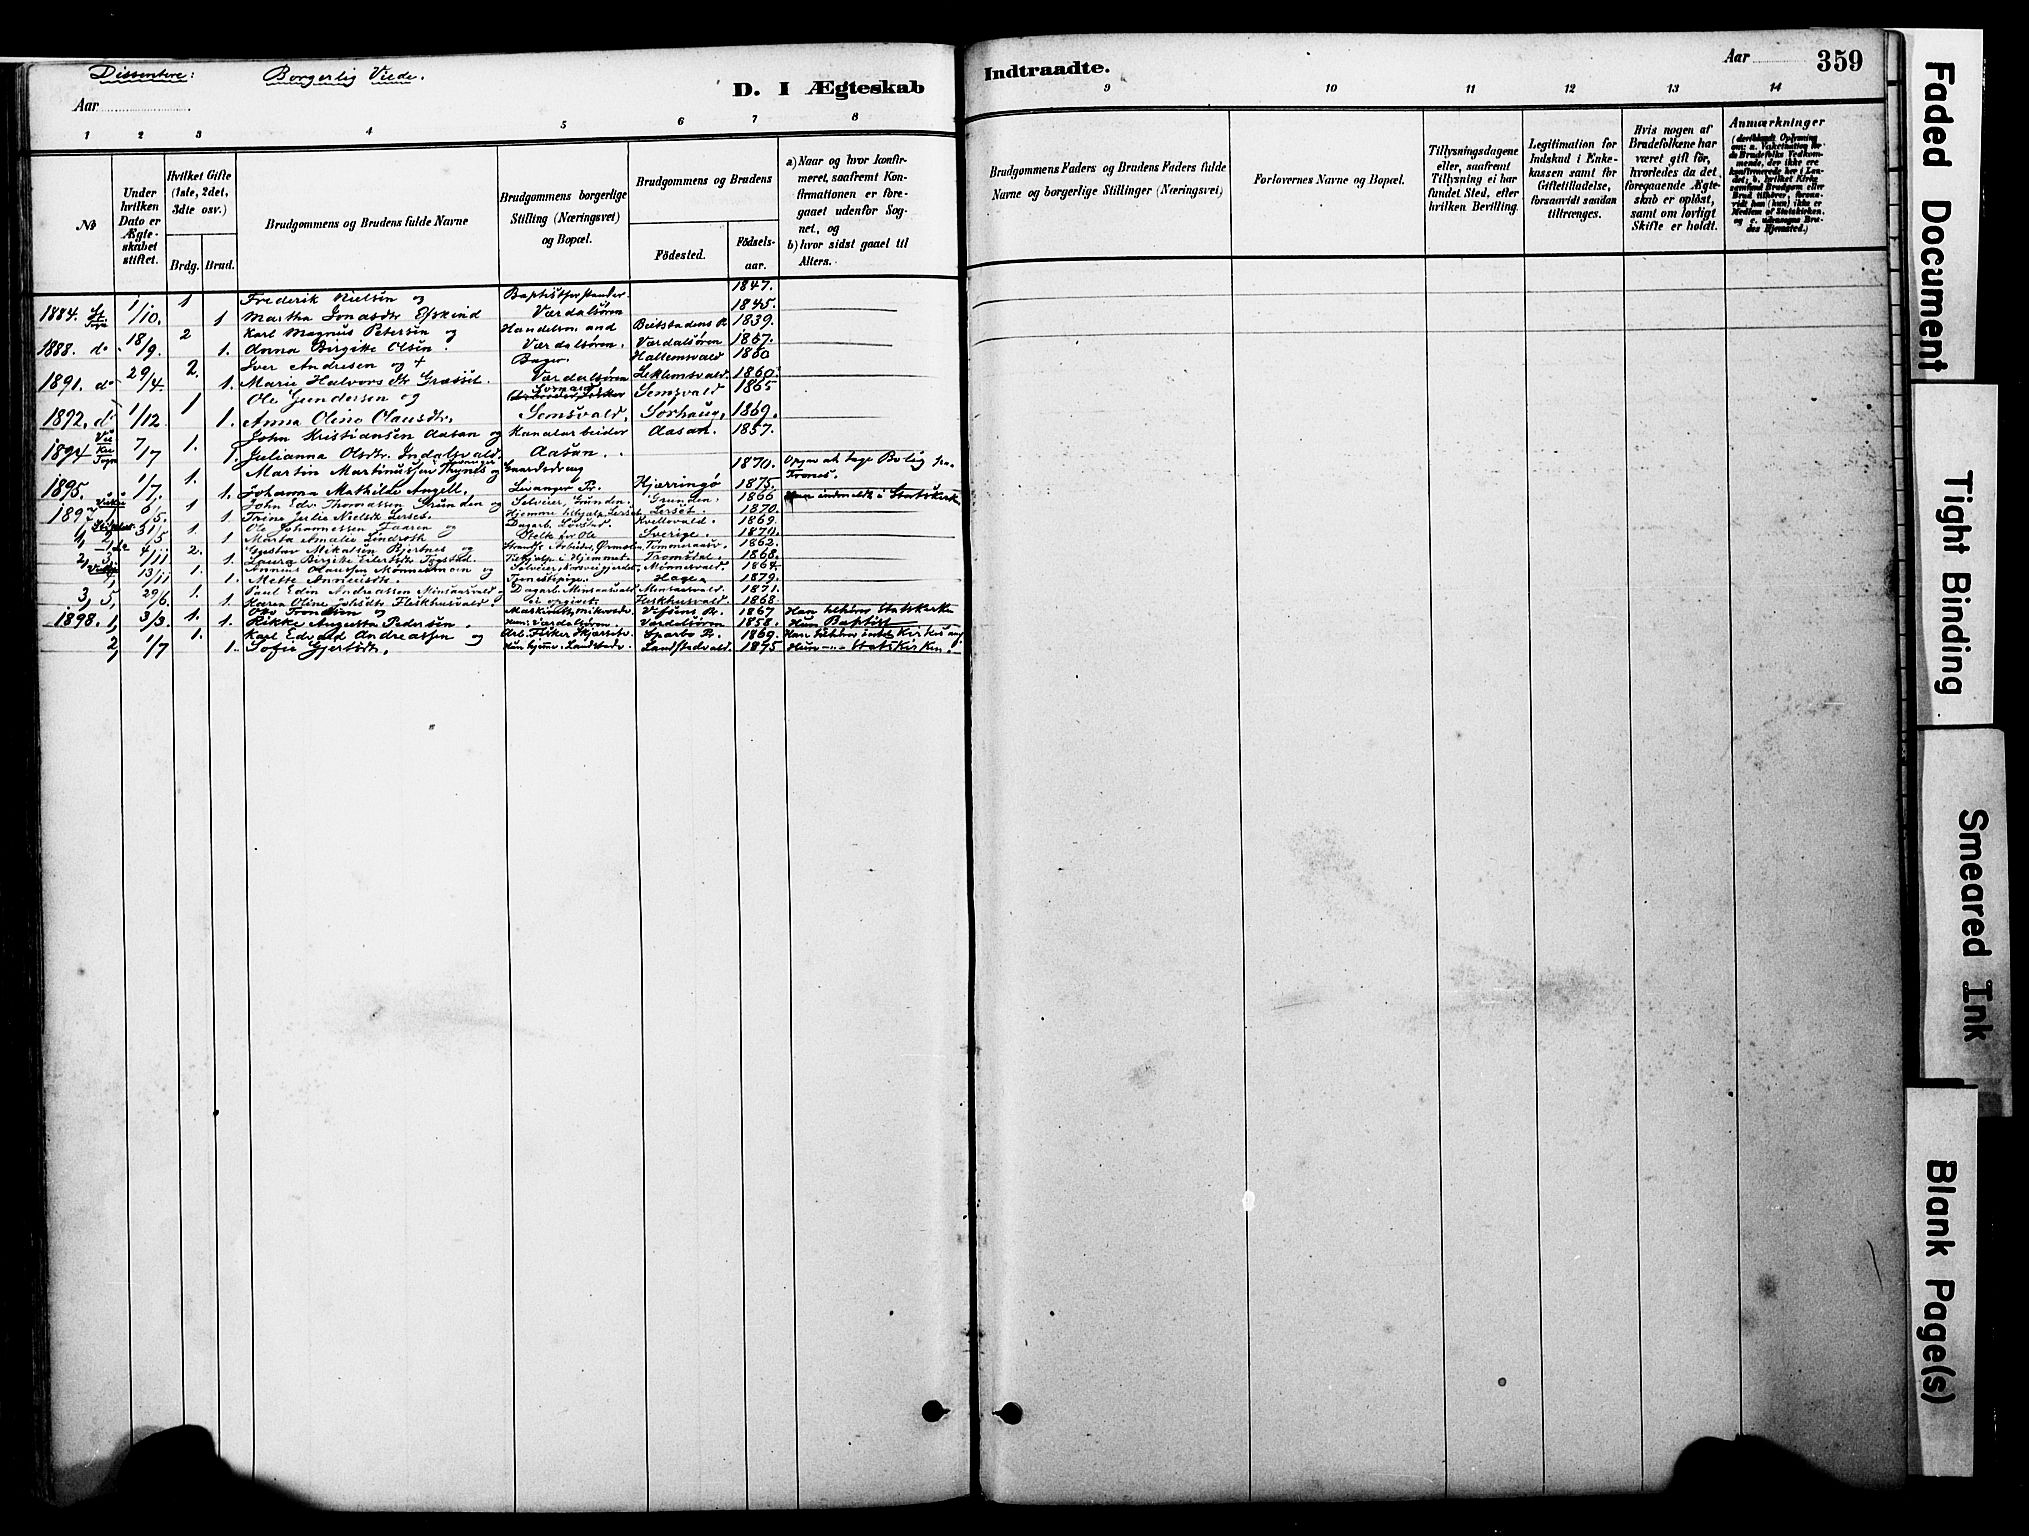 SAT, Ministerialprotokoller, klokkerbøker og fødselsregistre - Nord-Trøndelag, 723/L0244: Ministerialbok nr. 723A13, 1881-1899, s. 359